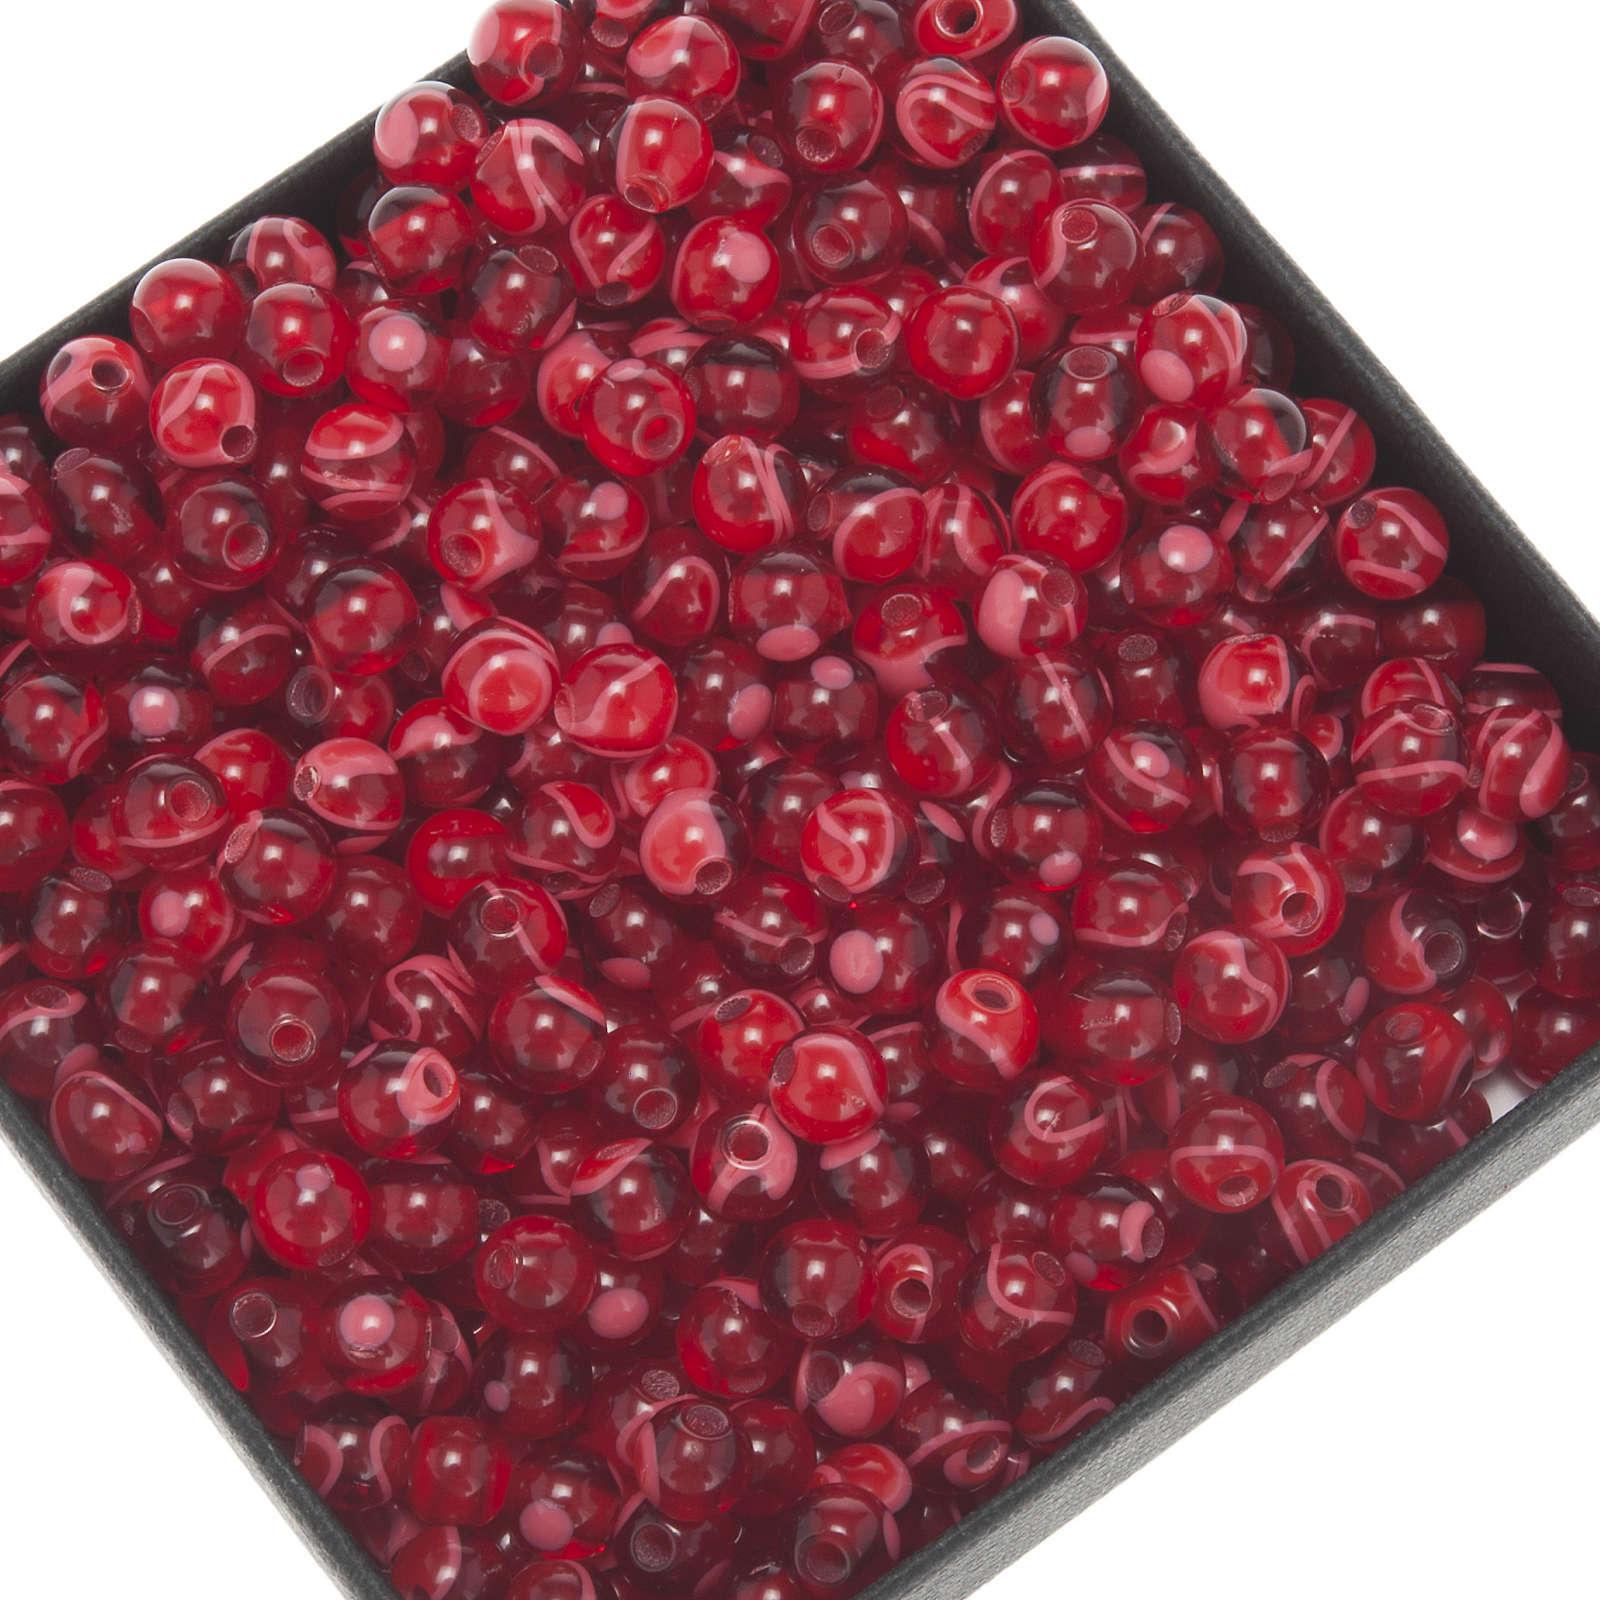 Grani rosari fai da te imitazione seta rosso 5 mm 4